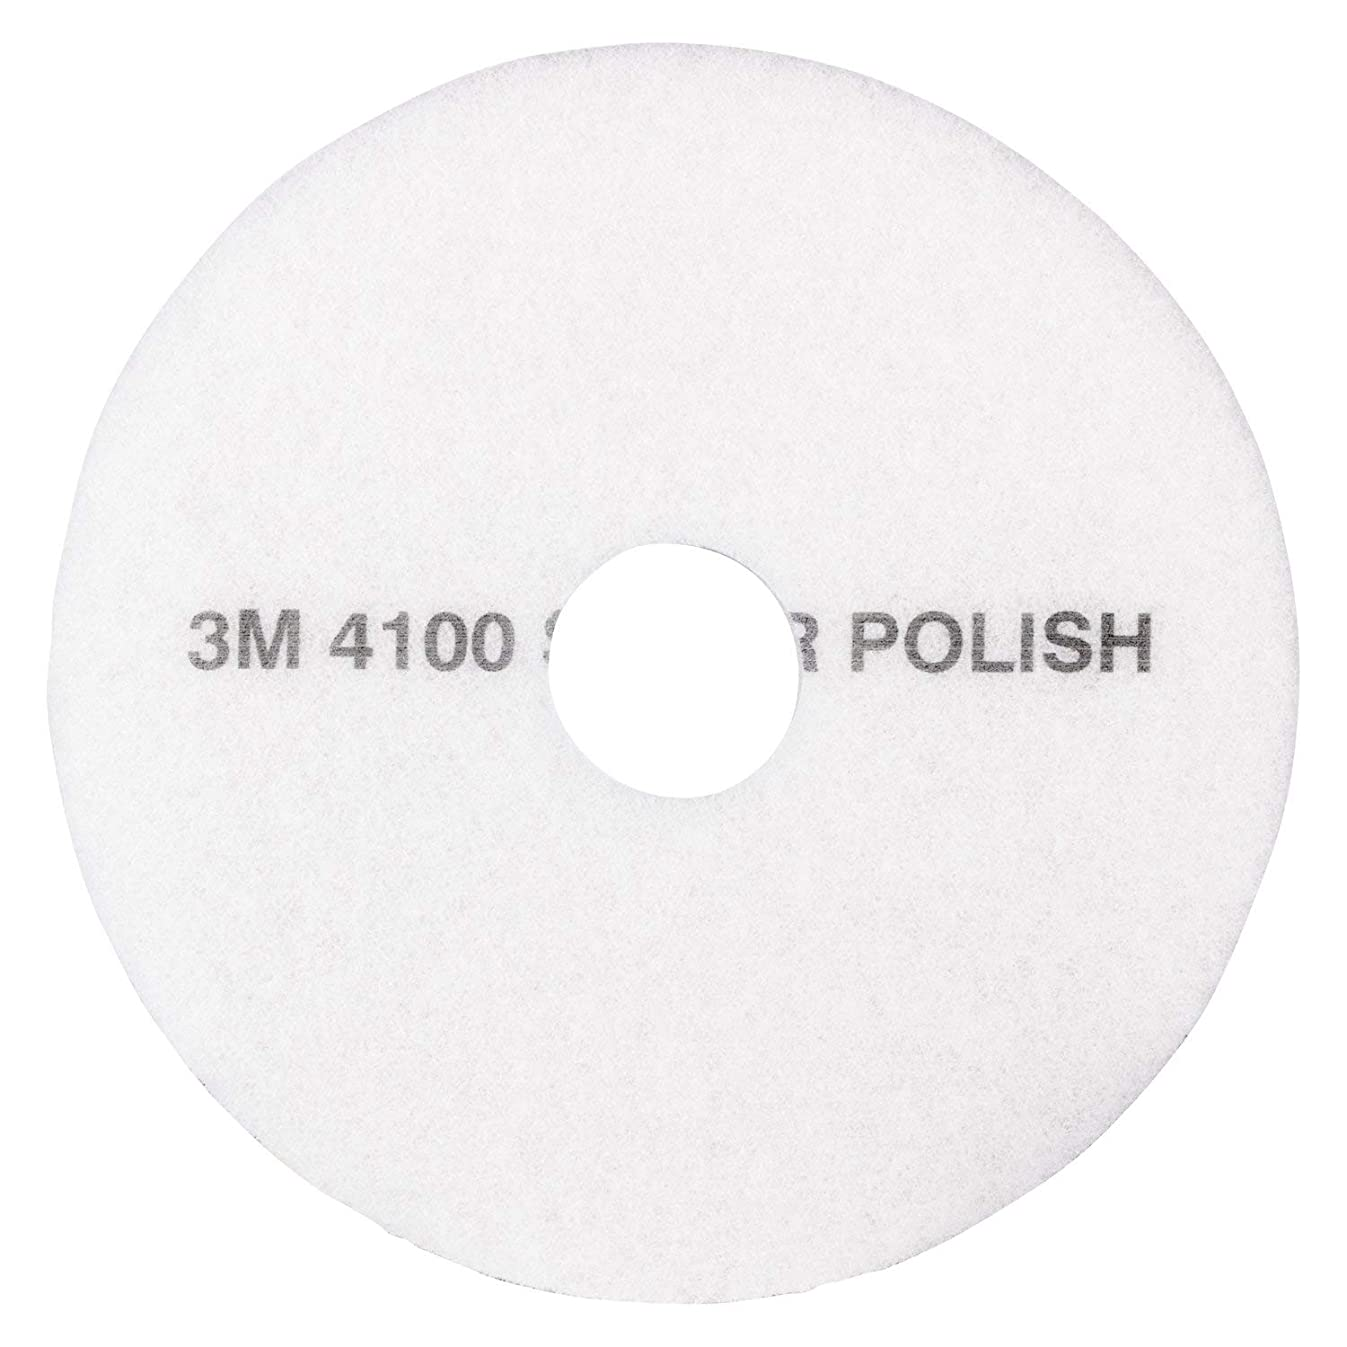 3M White Super Polish Pad 4100, 20